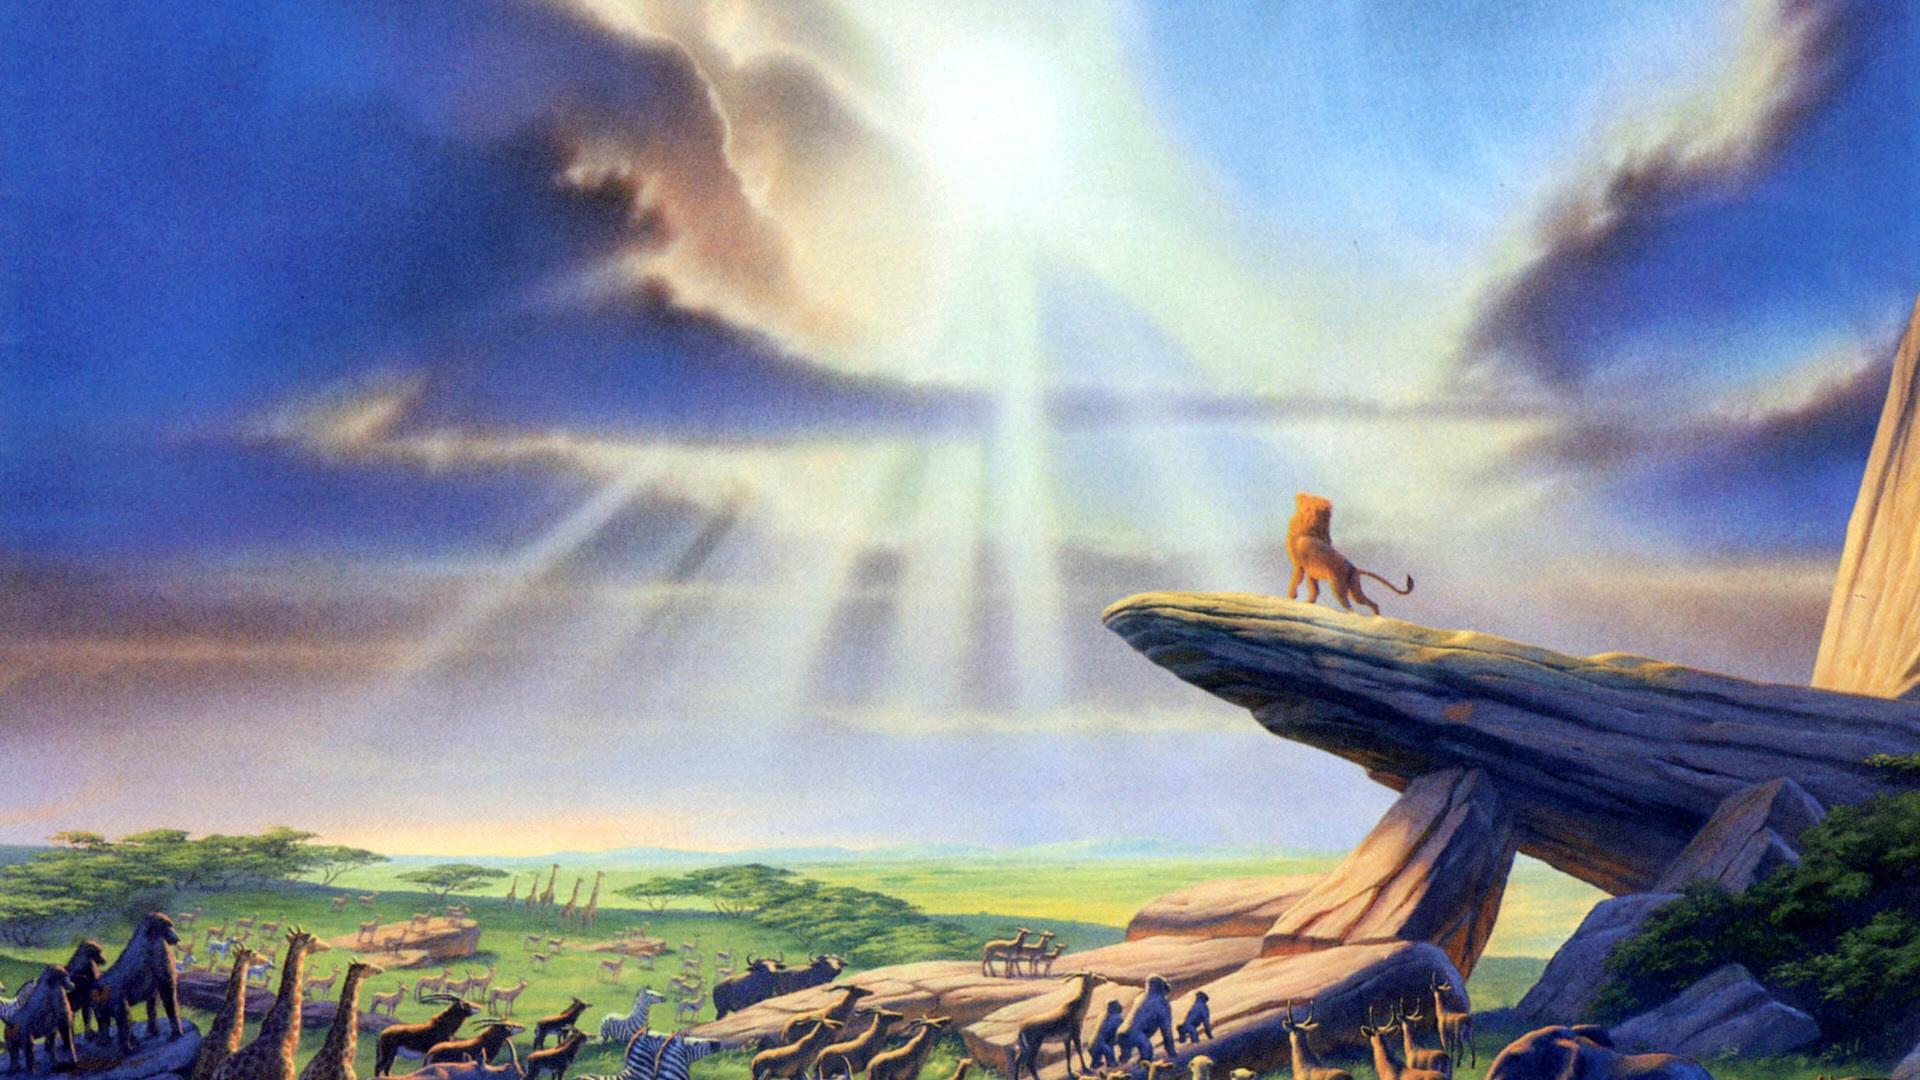 Magritte Lion King Disney Hd Widescreen Desktop Wallpaper